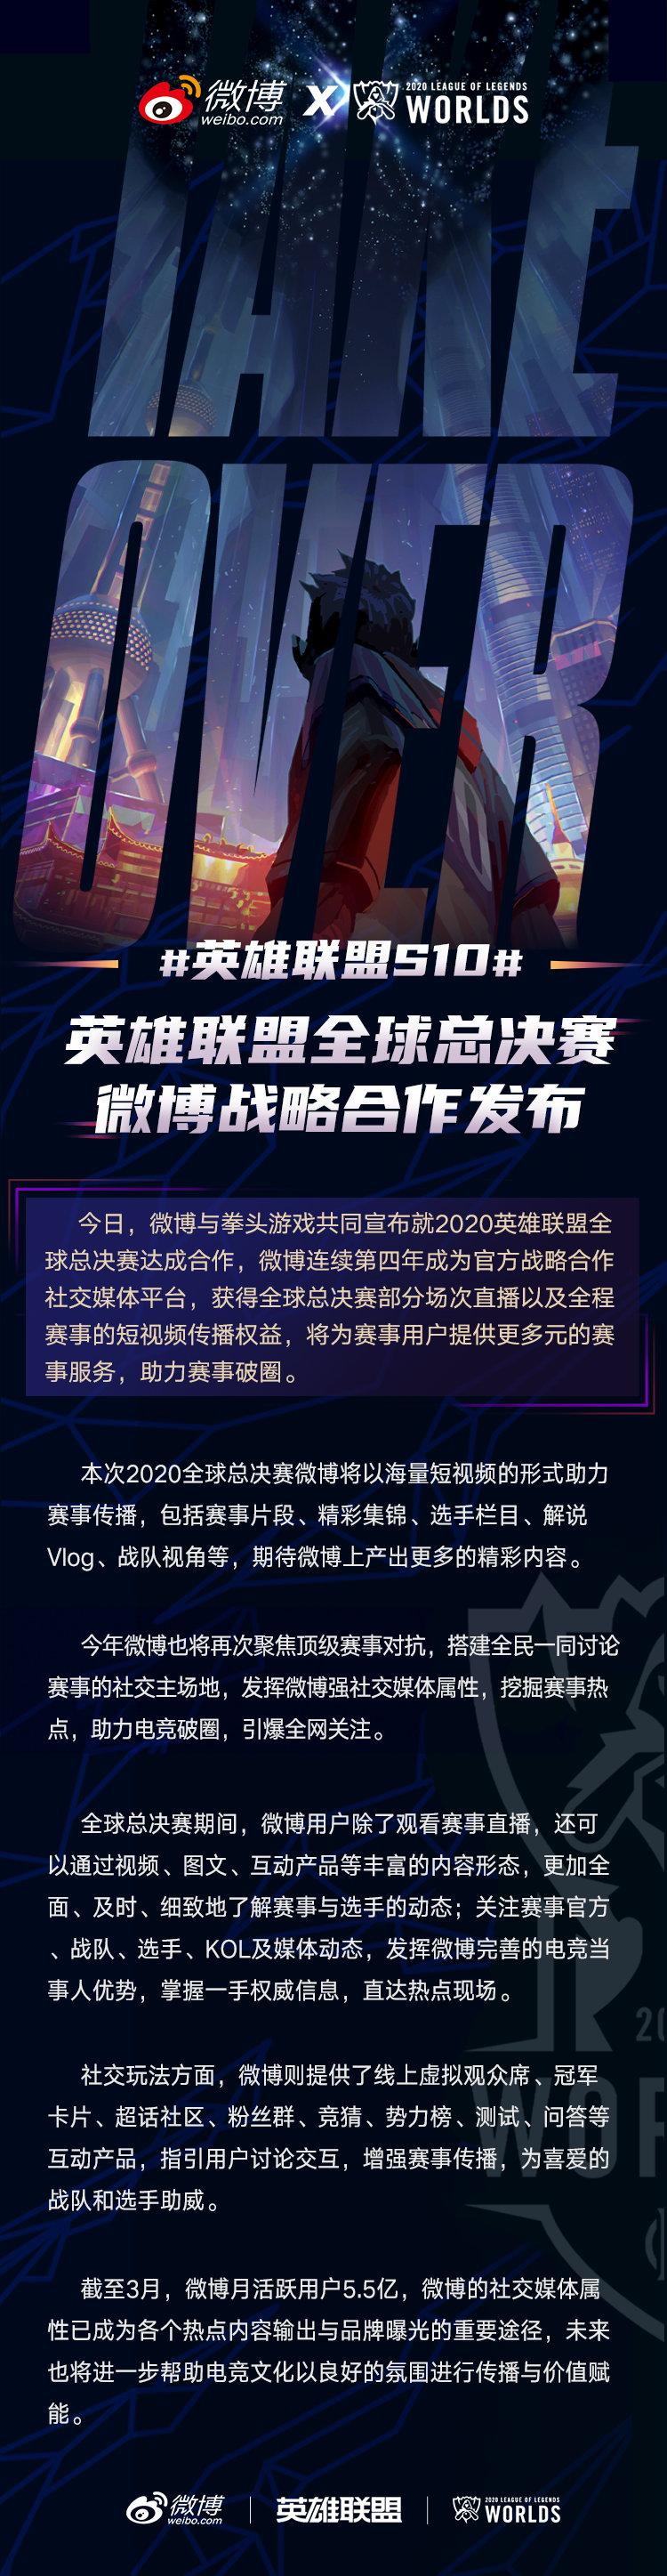 微博连续四年成为英雄联盟全球总决赛官方合作伙伴